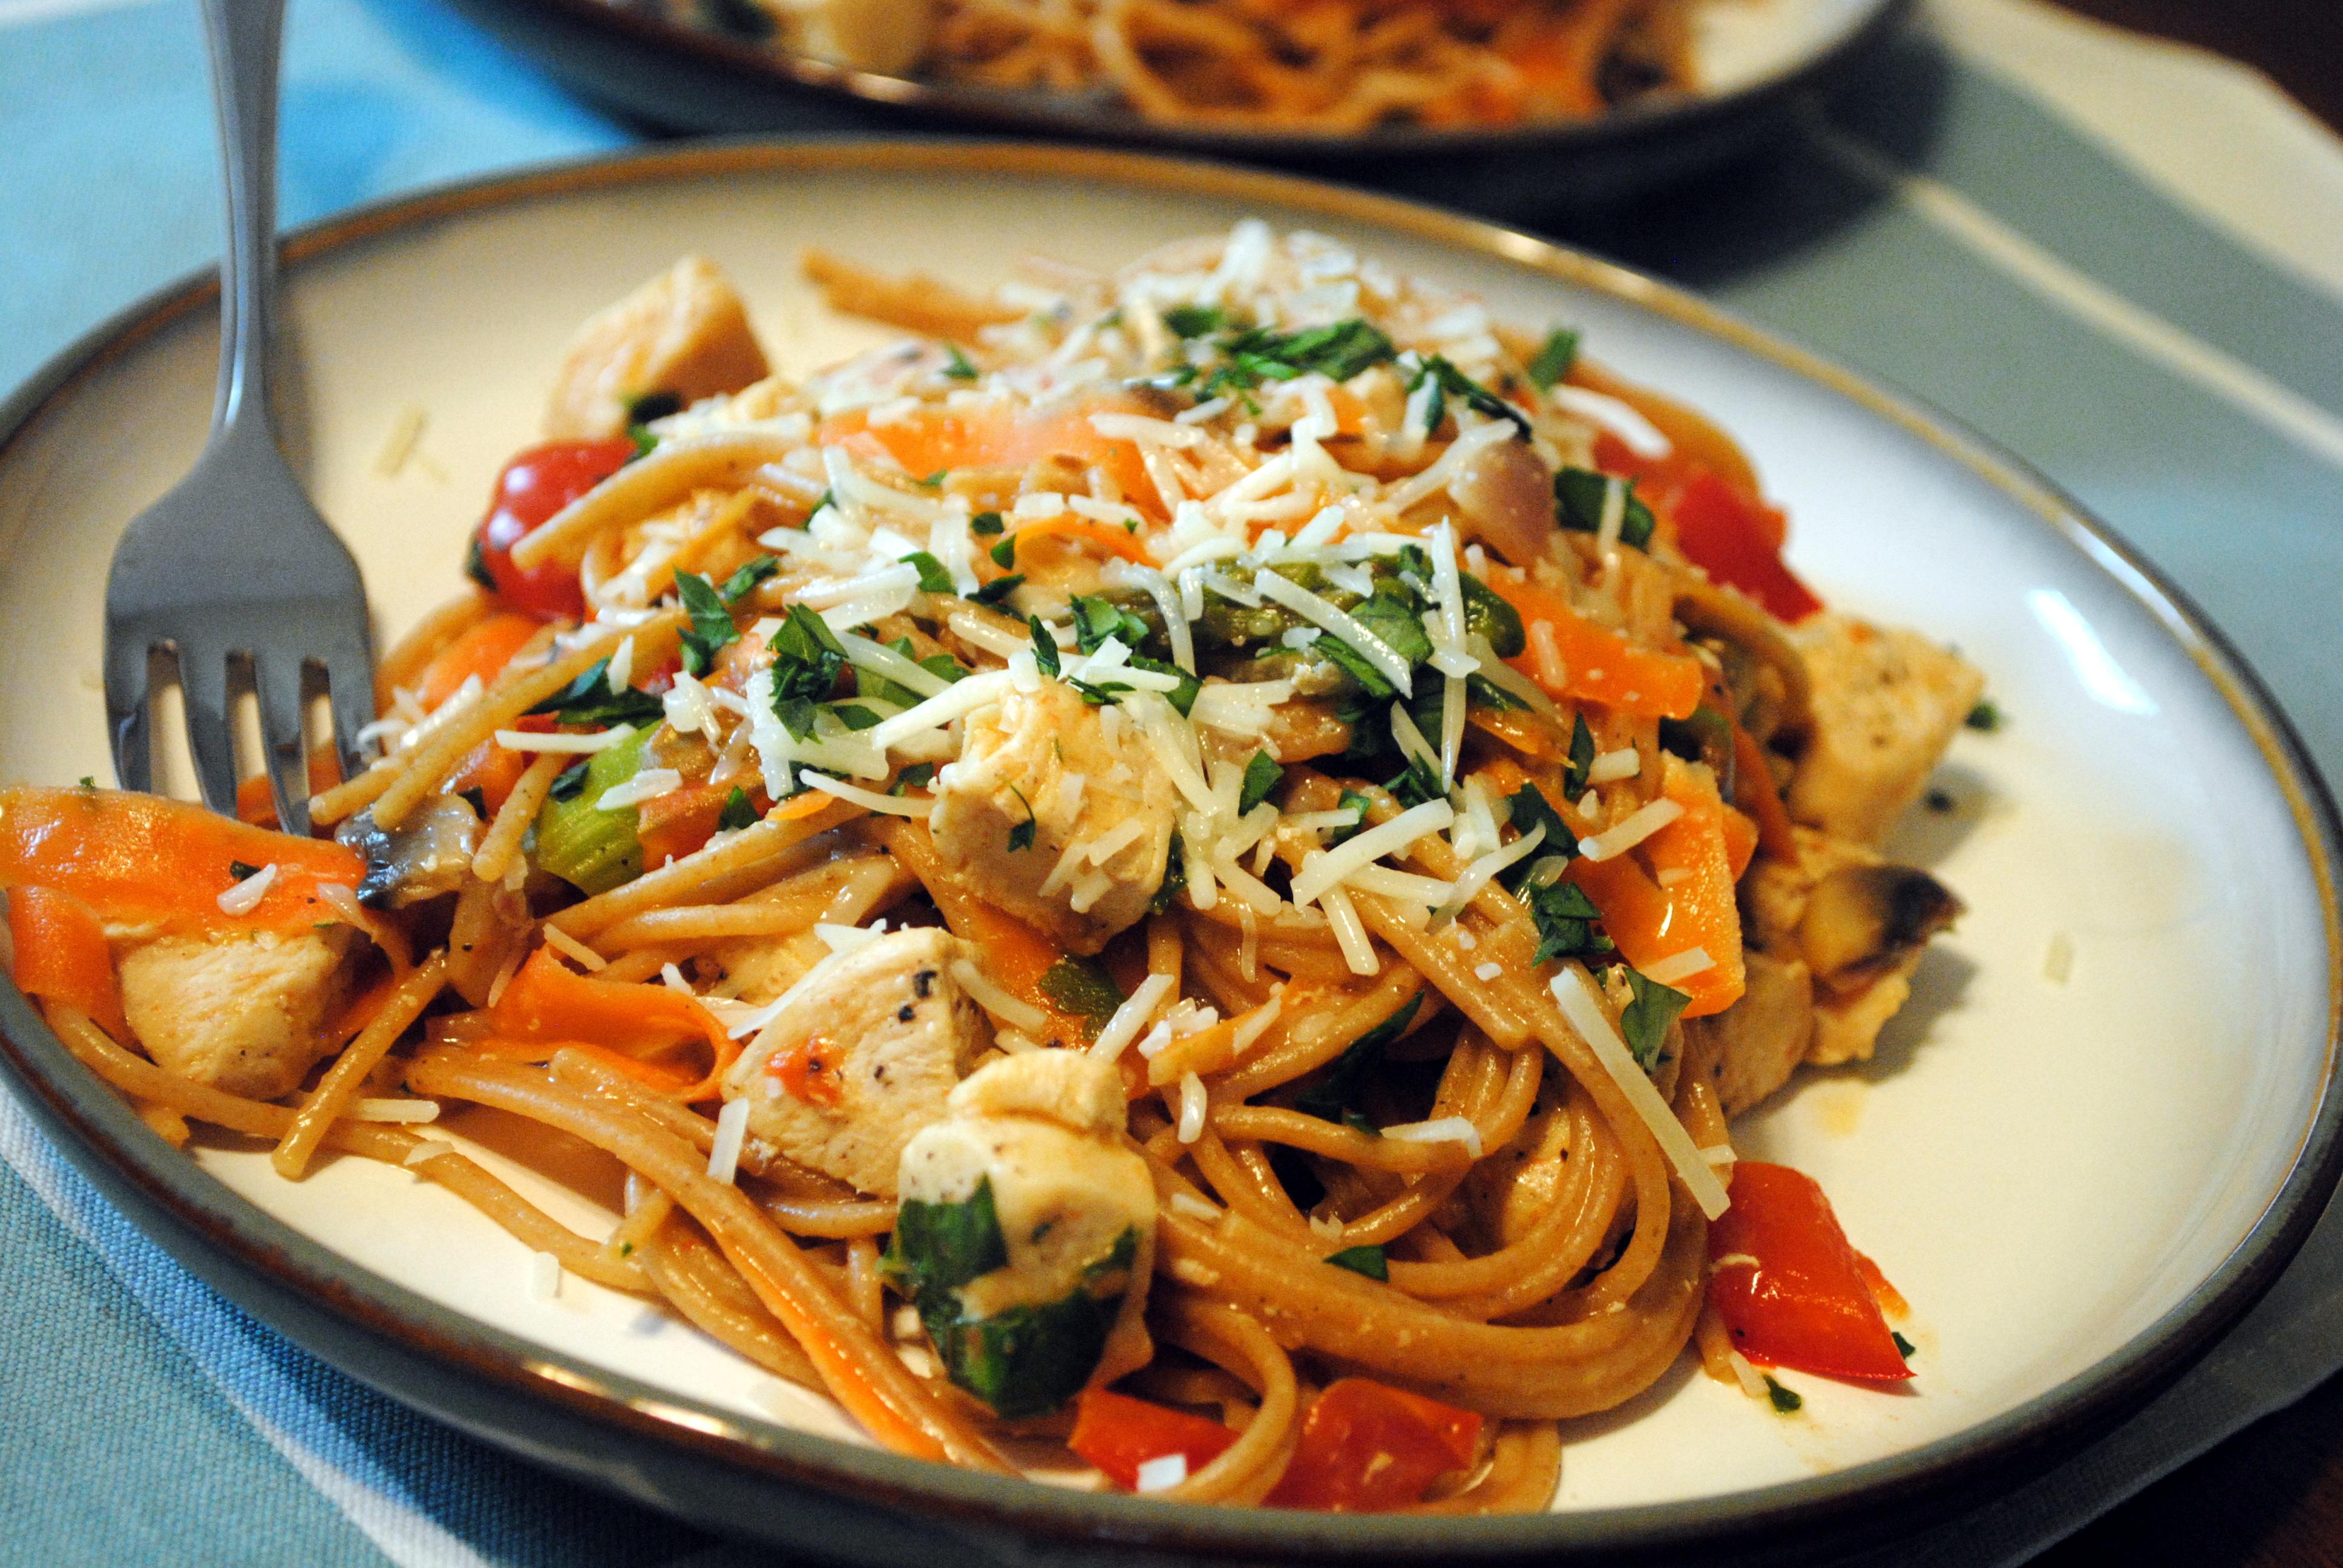 pasta primavera pasta primavera recipe ree pasta primavera with